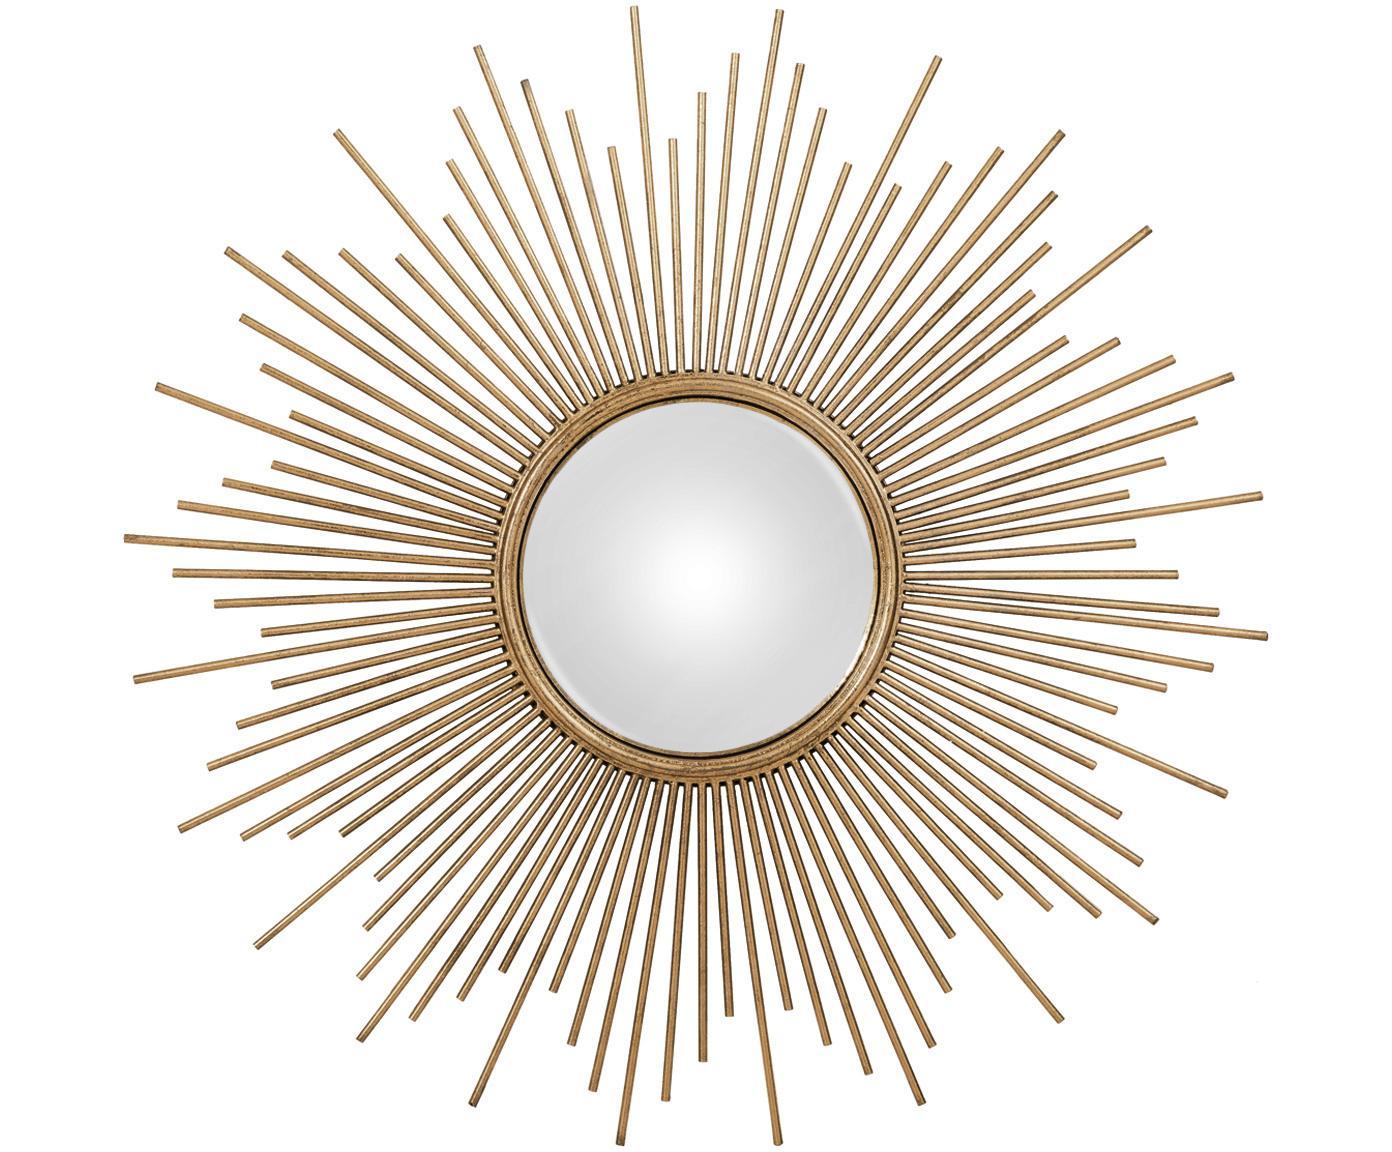 Specchio da parete Cora, Cornice: metallo, Superficie dello specchio: lastra di vetro, Dorato, Ø 98 cm